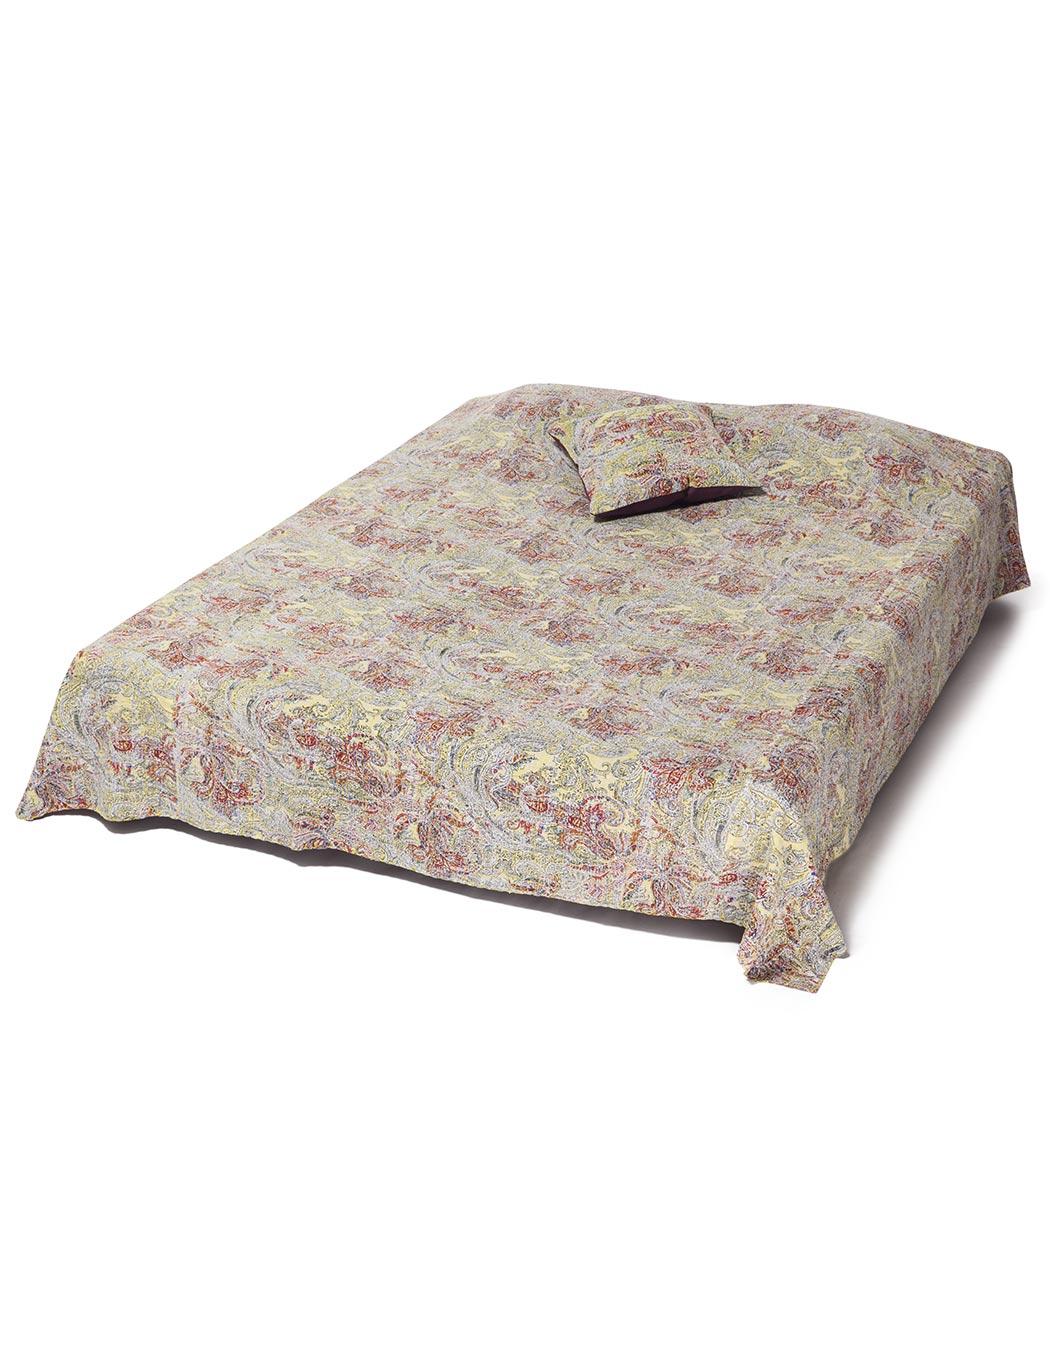 Jeté de lit surpiqué en coton lemon 140 x 230